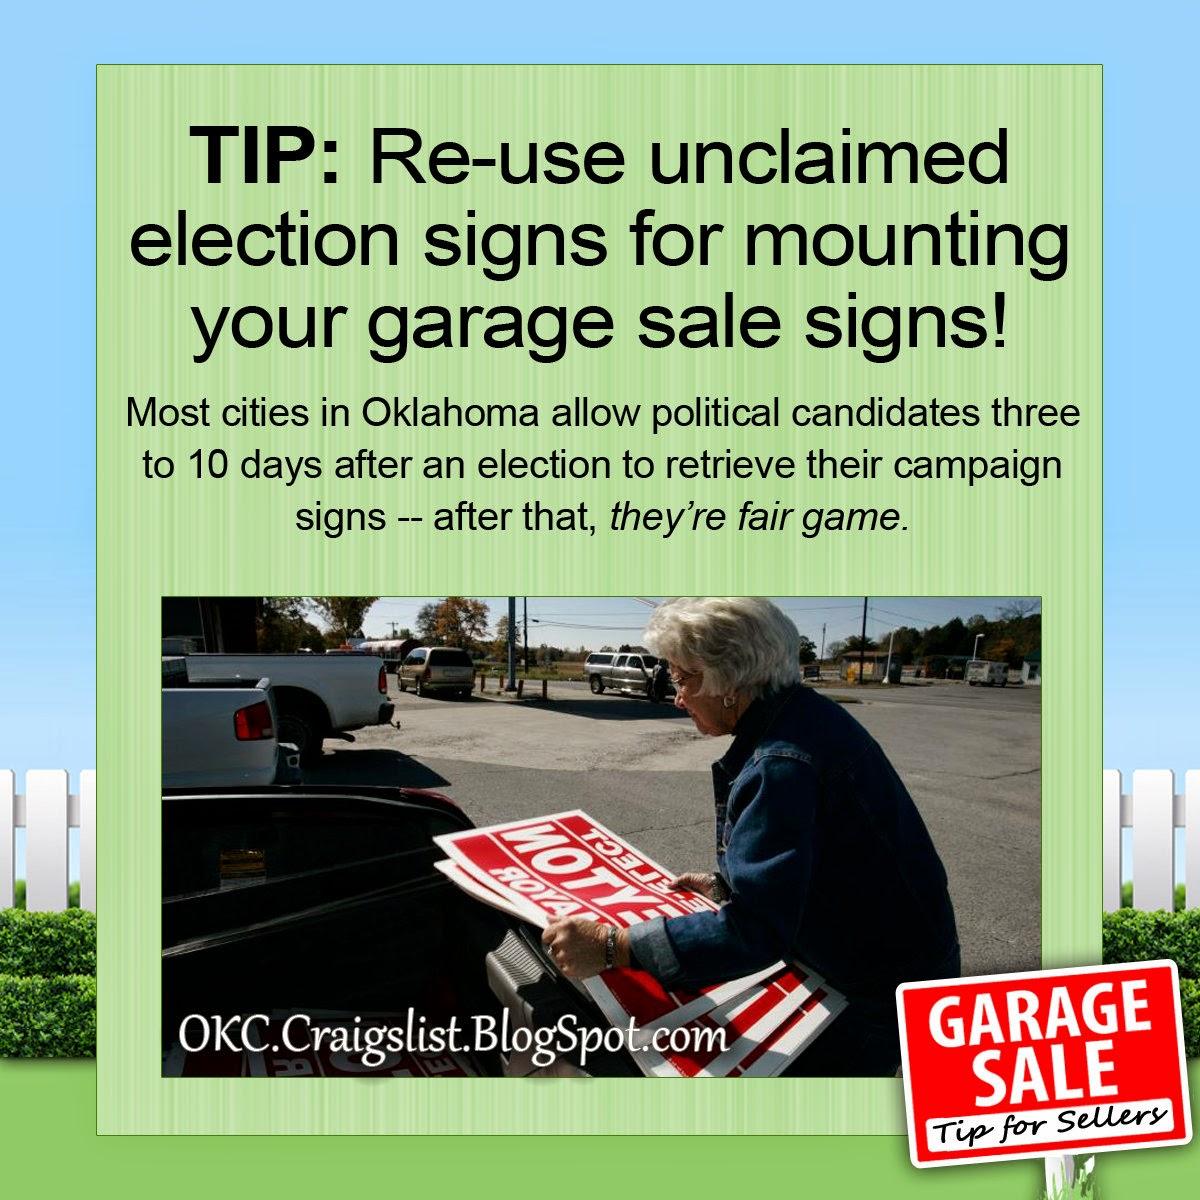 Oklahoma City Craigslist Garage Sales